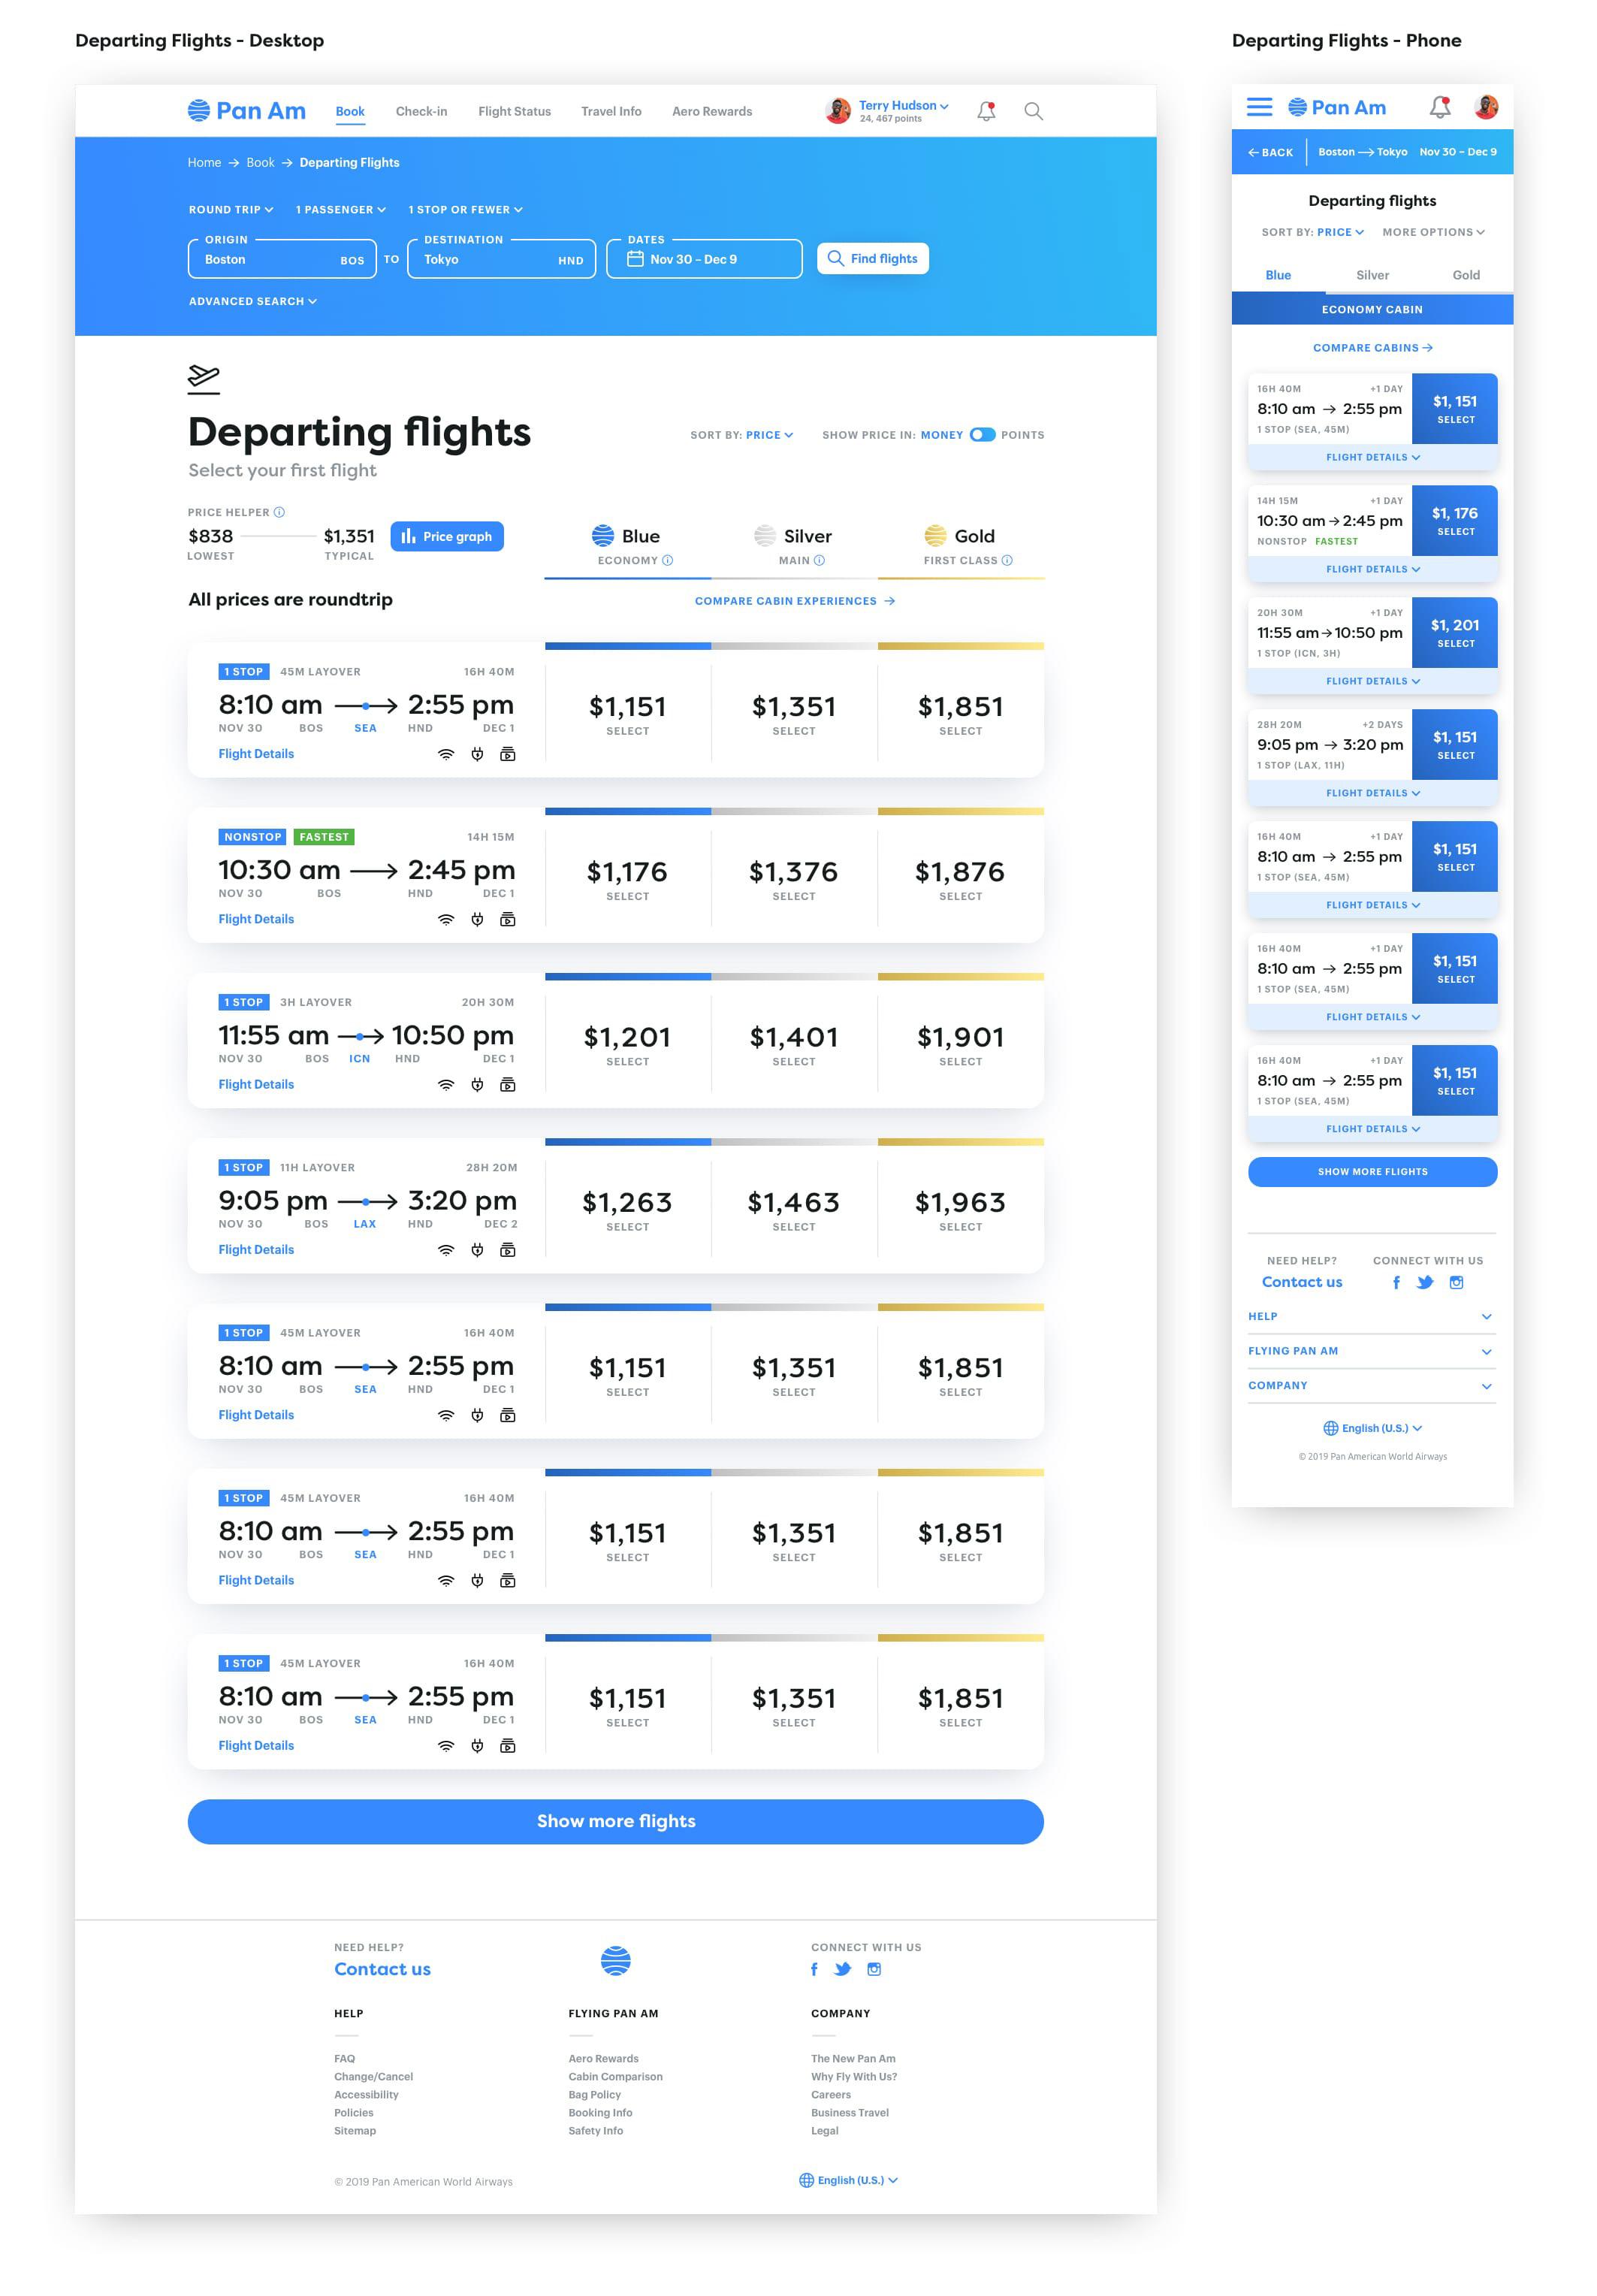 departures page design